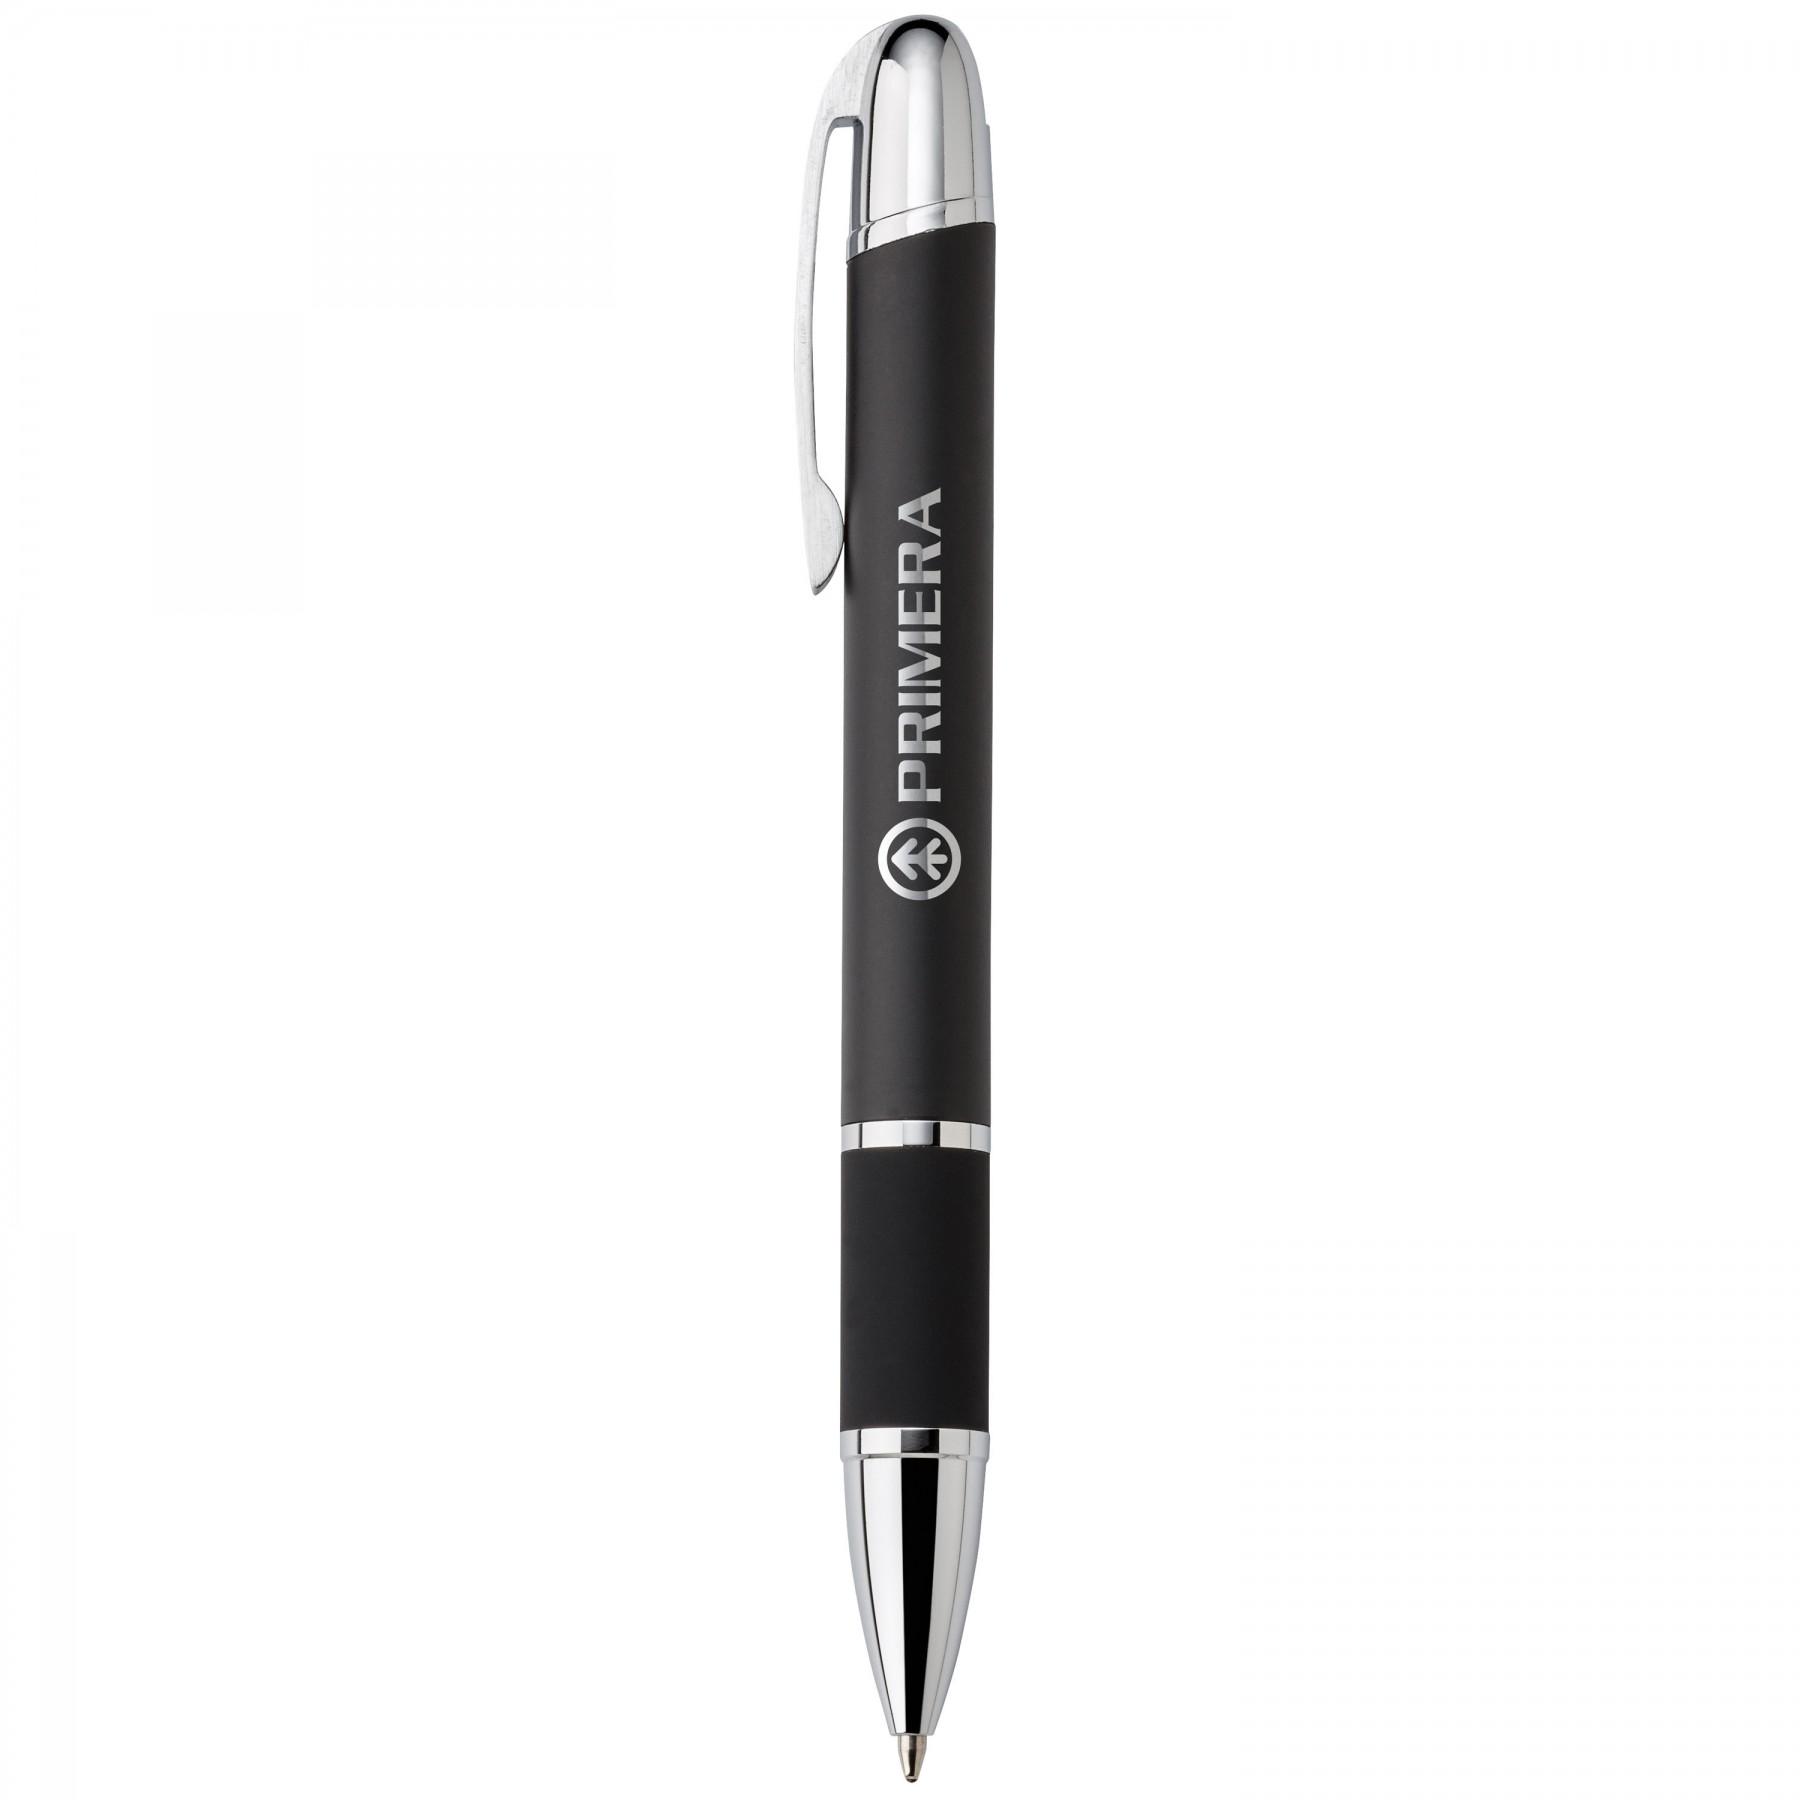 Trent Ballpoint Pen - Shiny Laser Imprint (G3144)